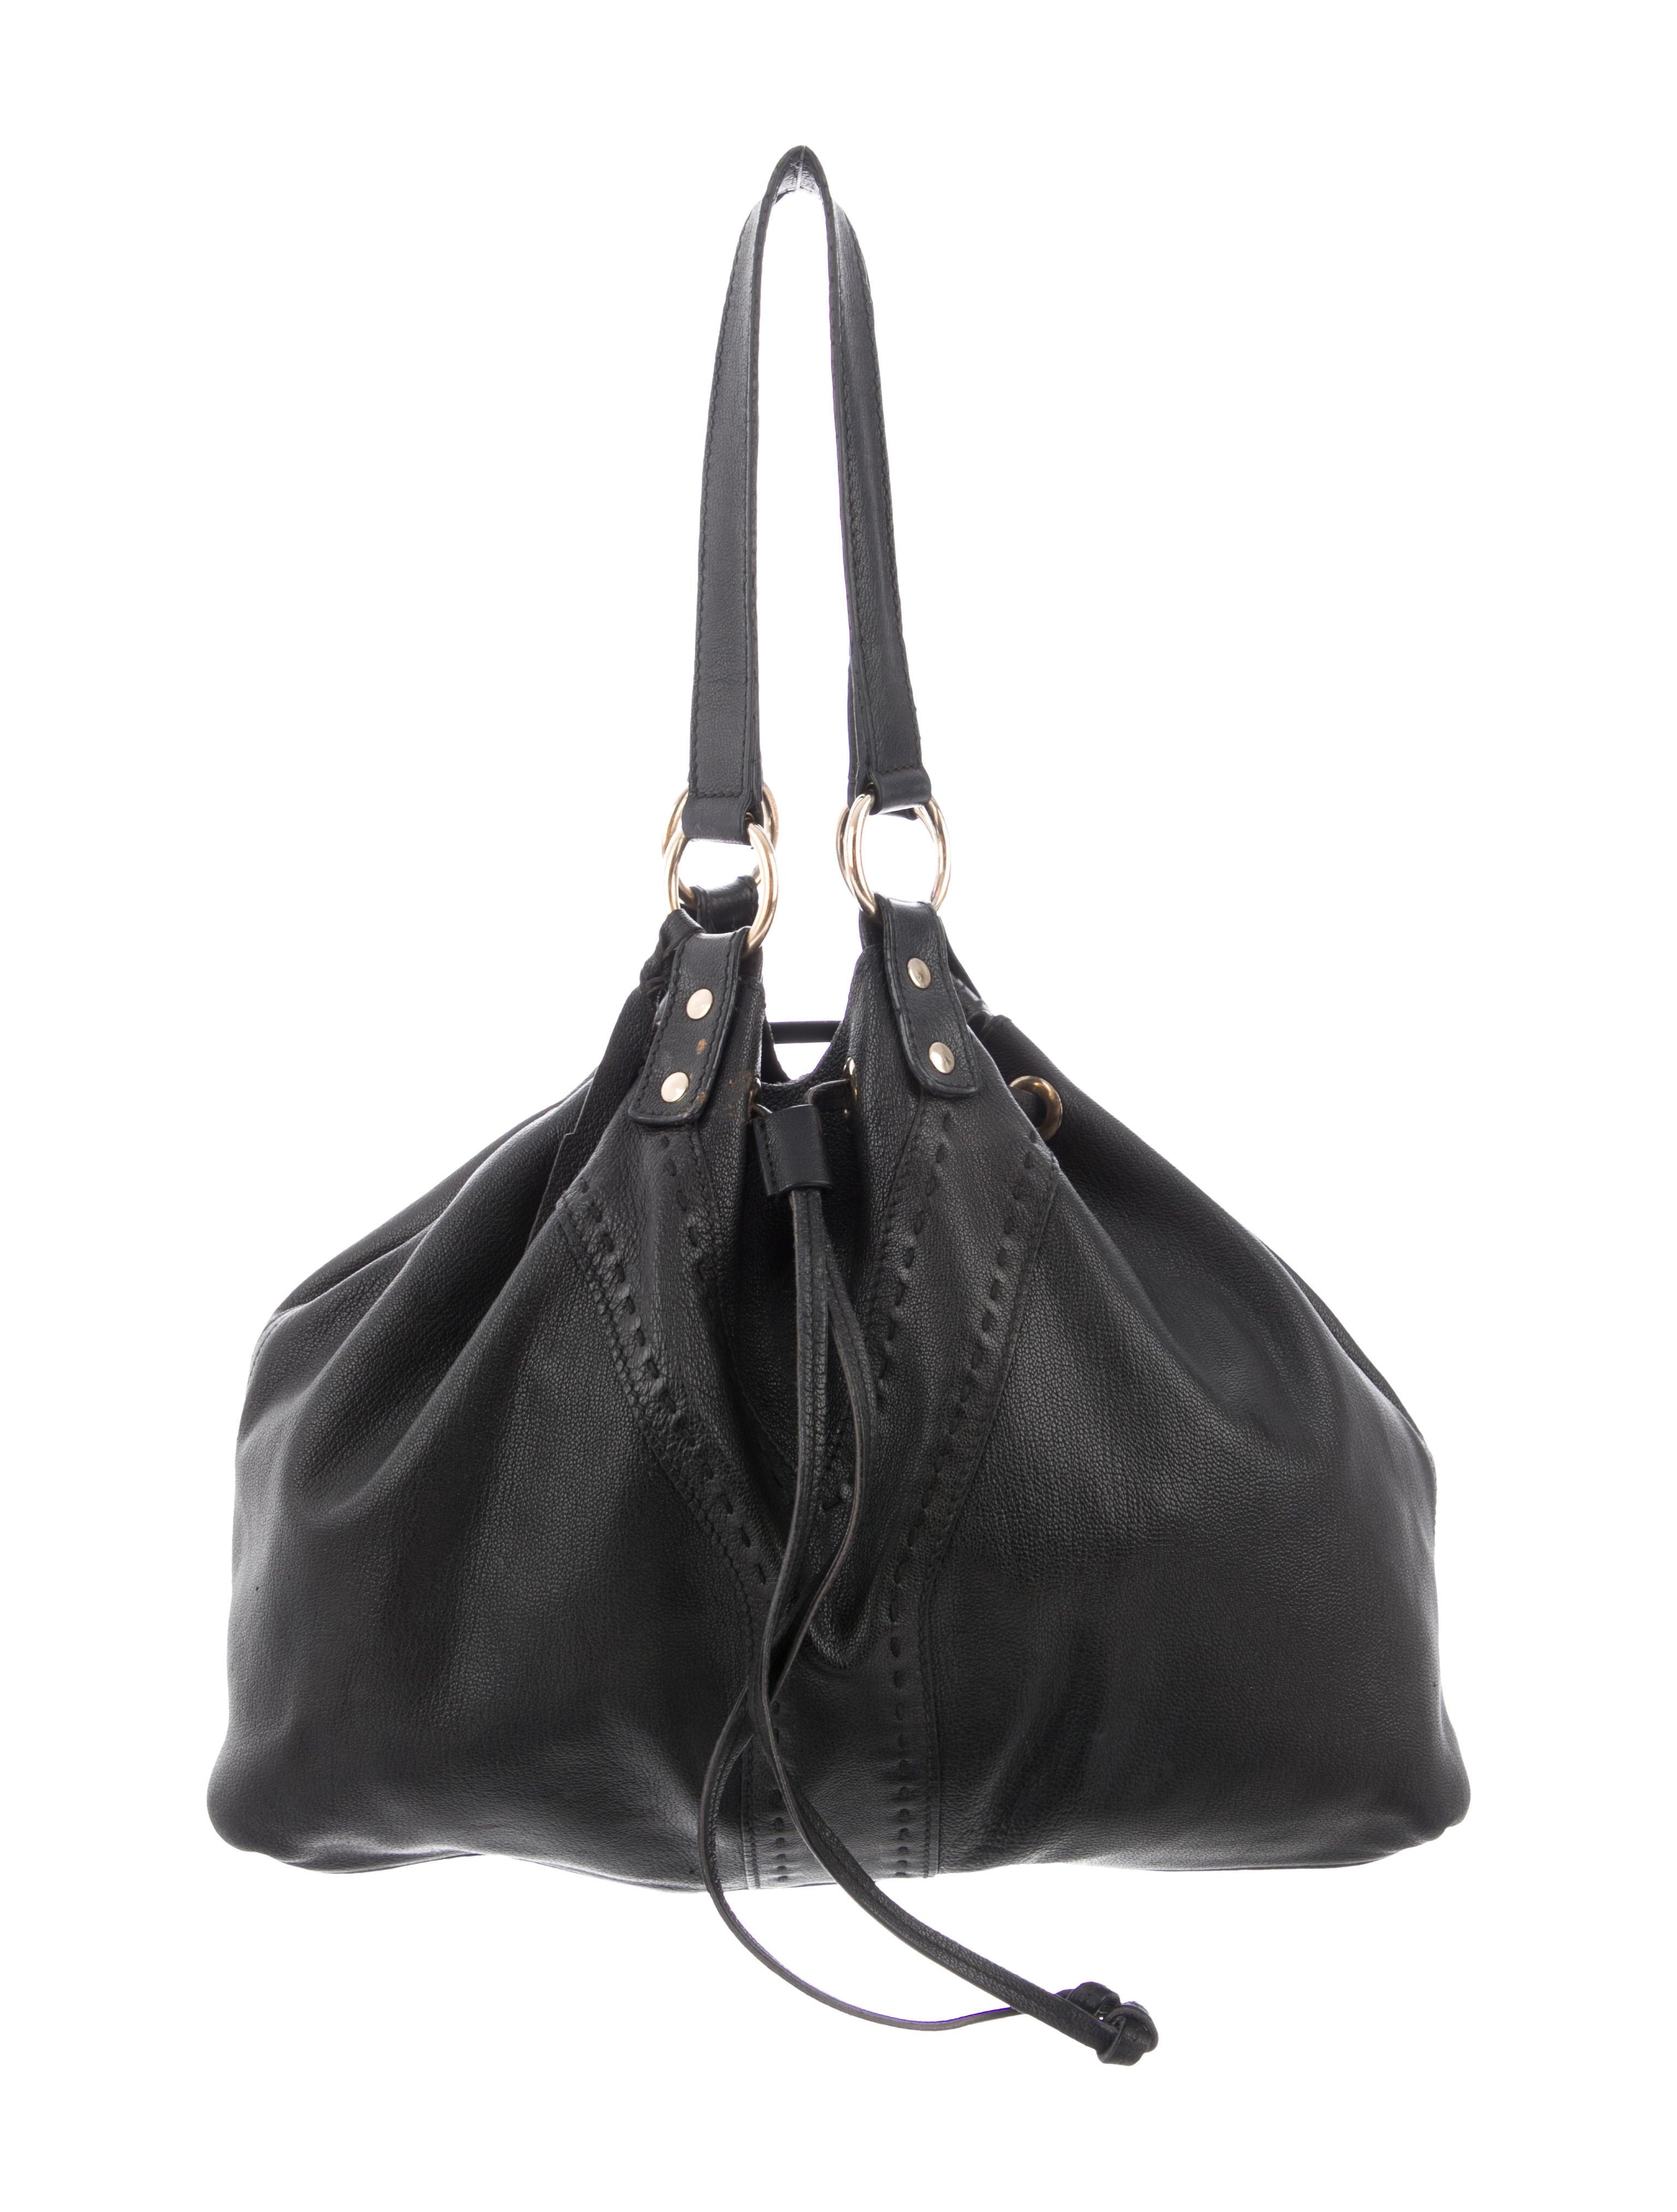 cfe600fa9e81 Yves Saint Laurent Reversible Double Sac Y Tote - Handbags ...